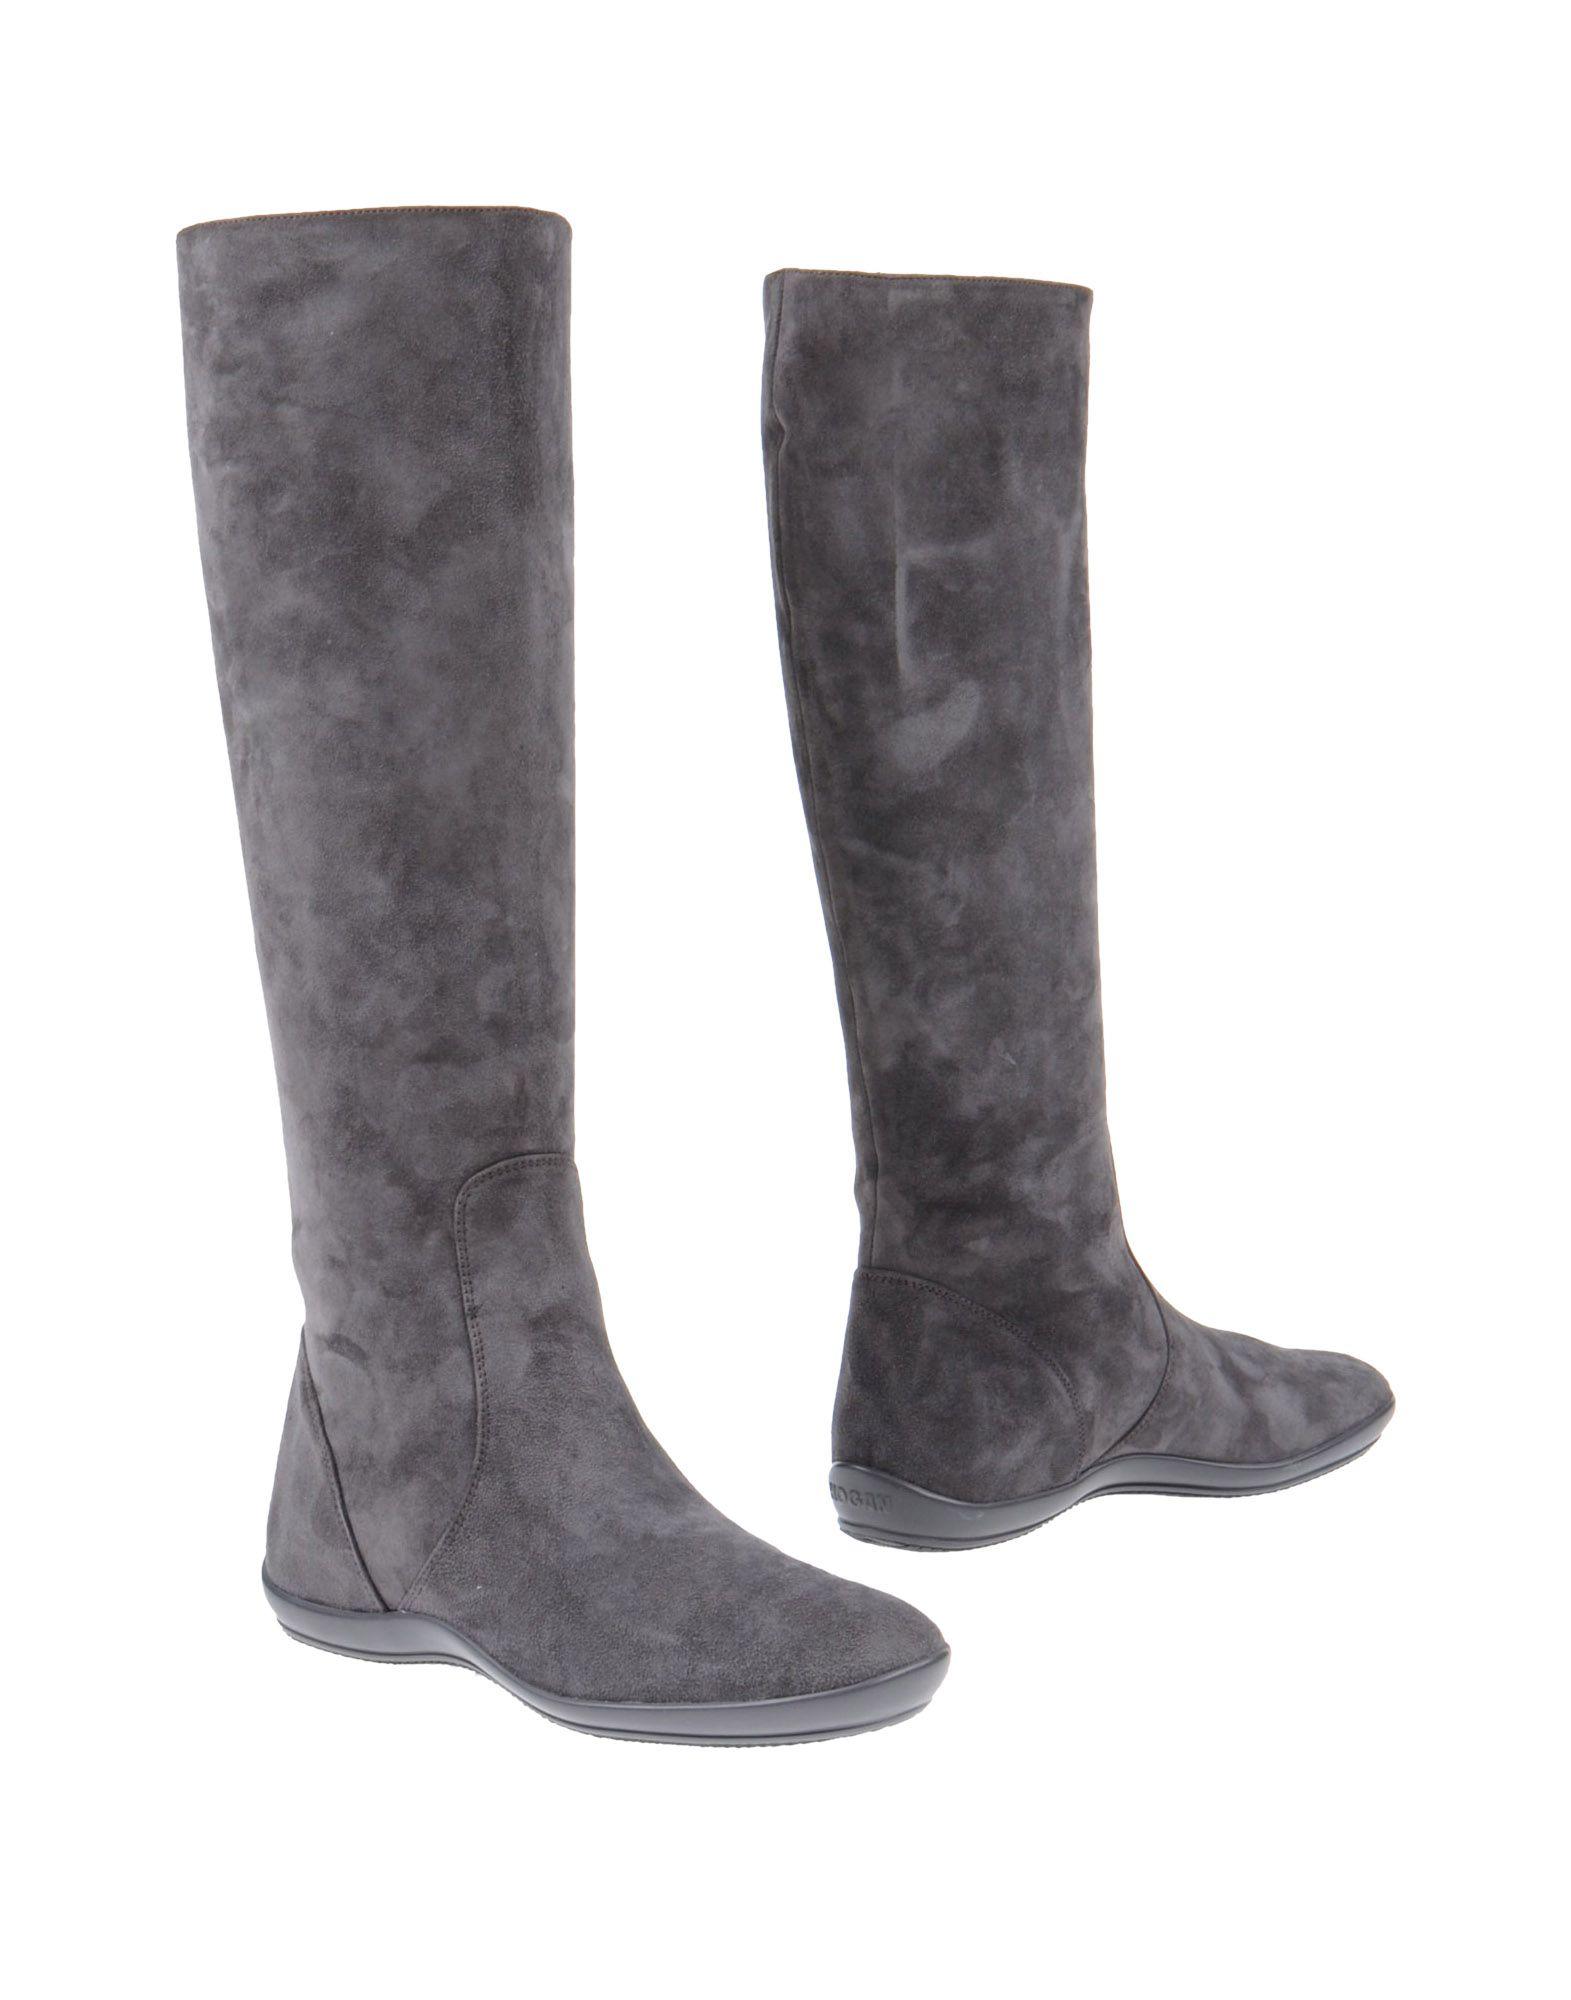 f65b788e5 botas-grises-4 ofertas botas grises mujer